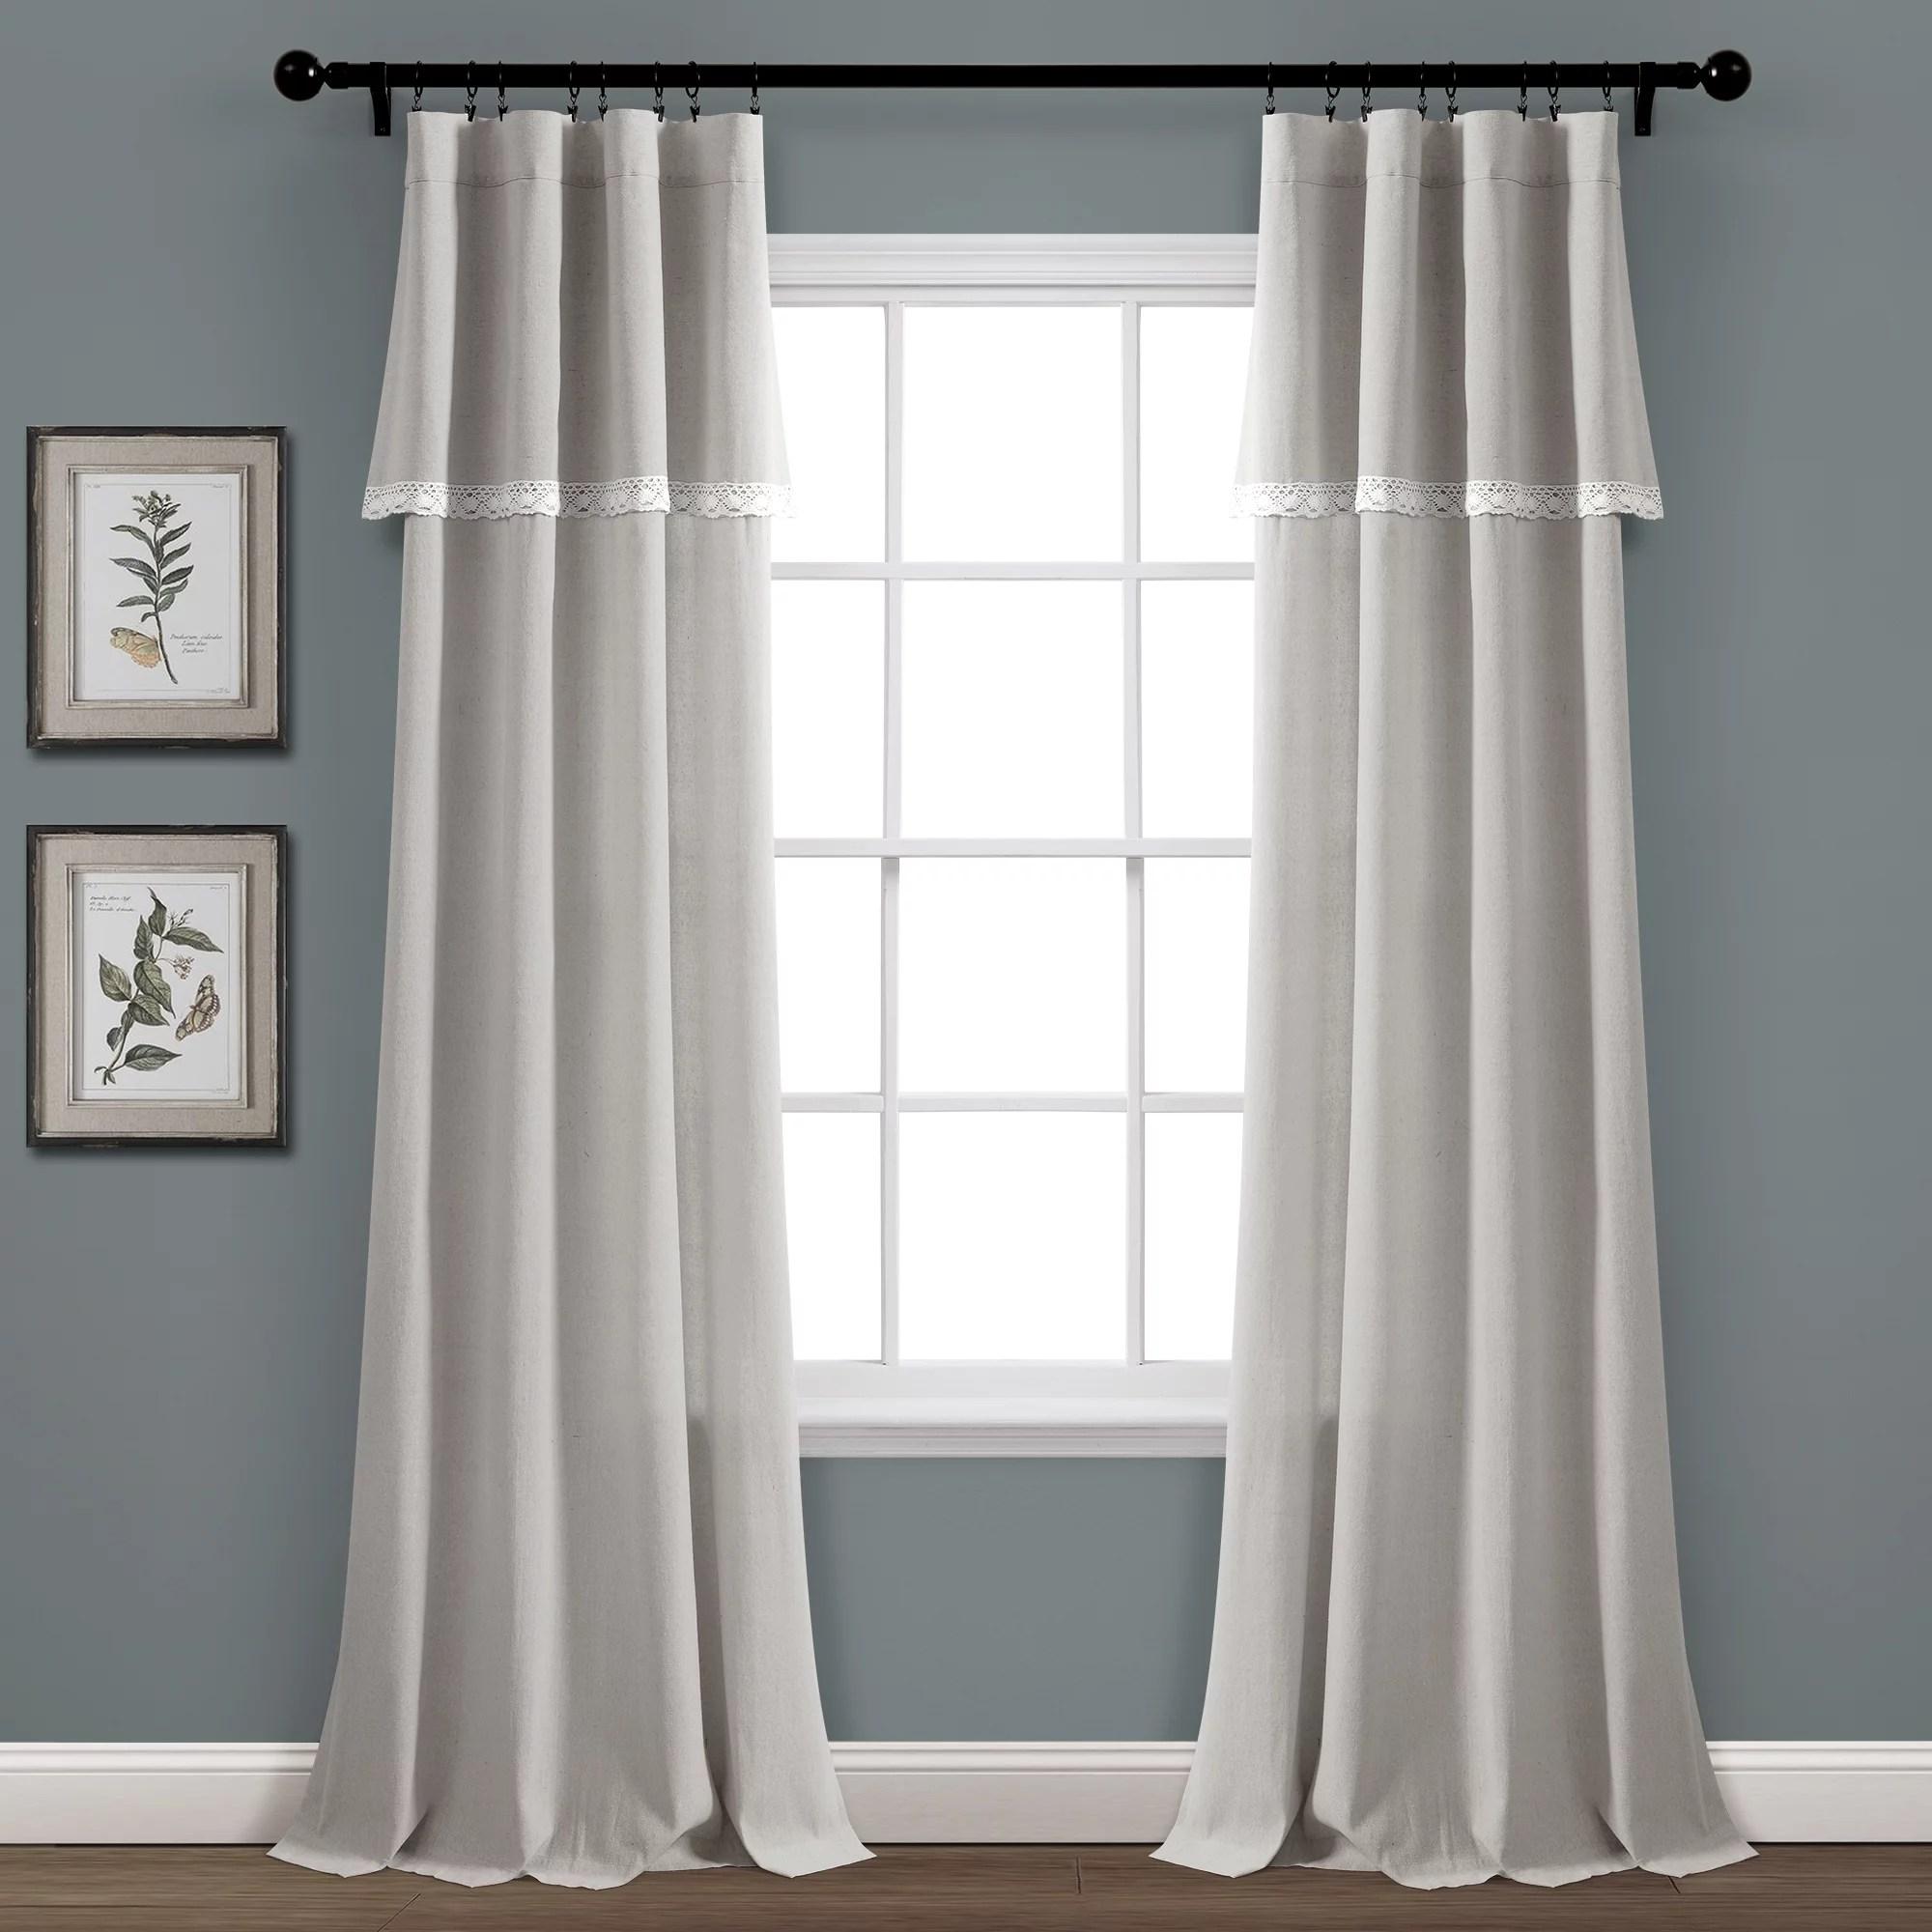 lush decor linen lace lace 84 x 38 lace light gray cotton blend 3 rod pocket pair window panel